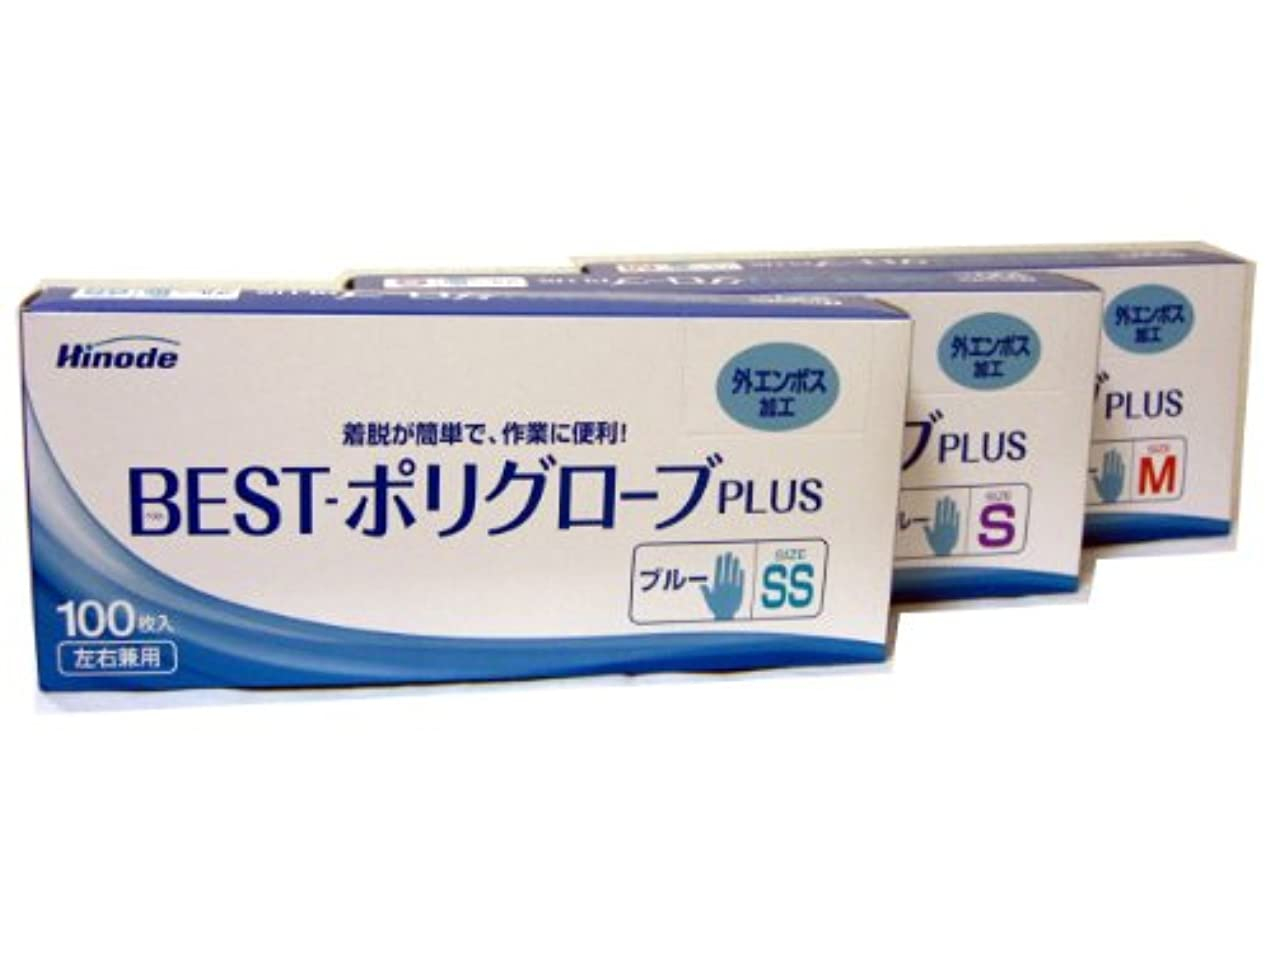 びっくりケープ伝統BESTポリグローブ プラス エンボス加工(厚手)青M 100枚X40箱 4000枚